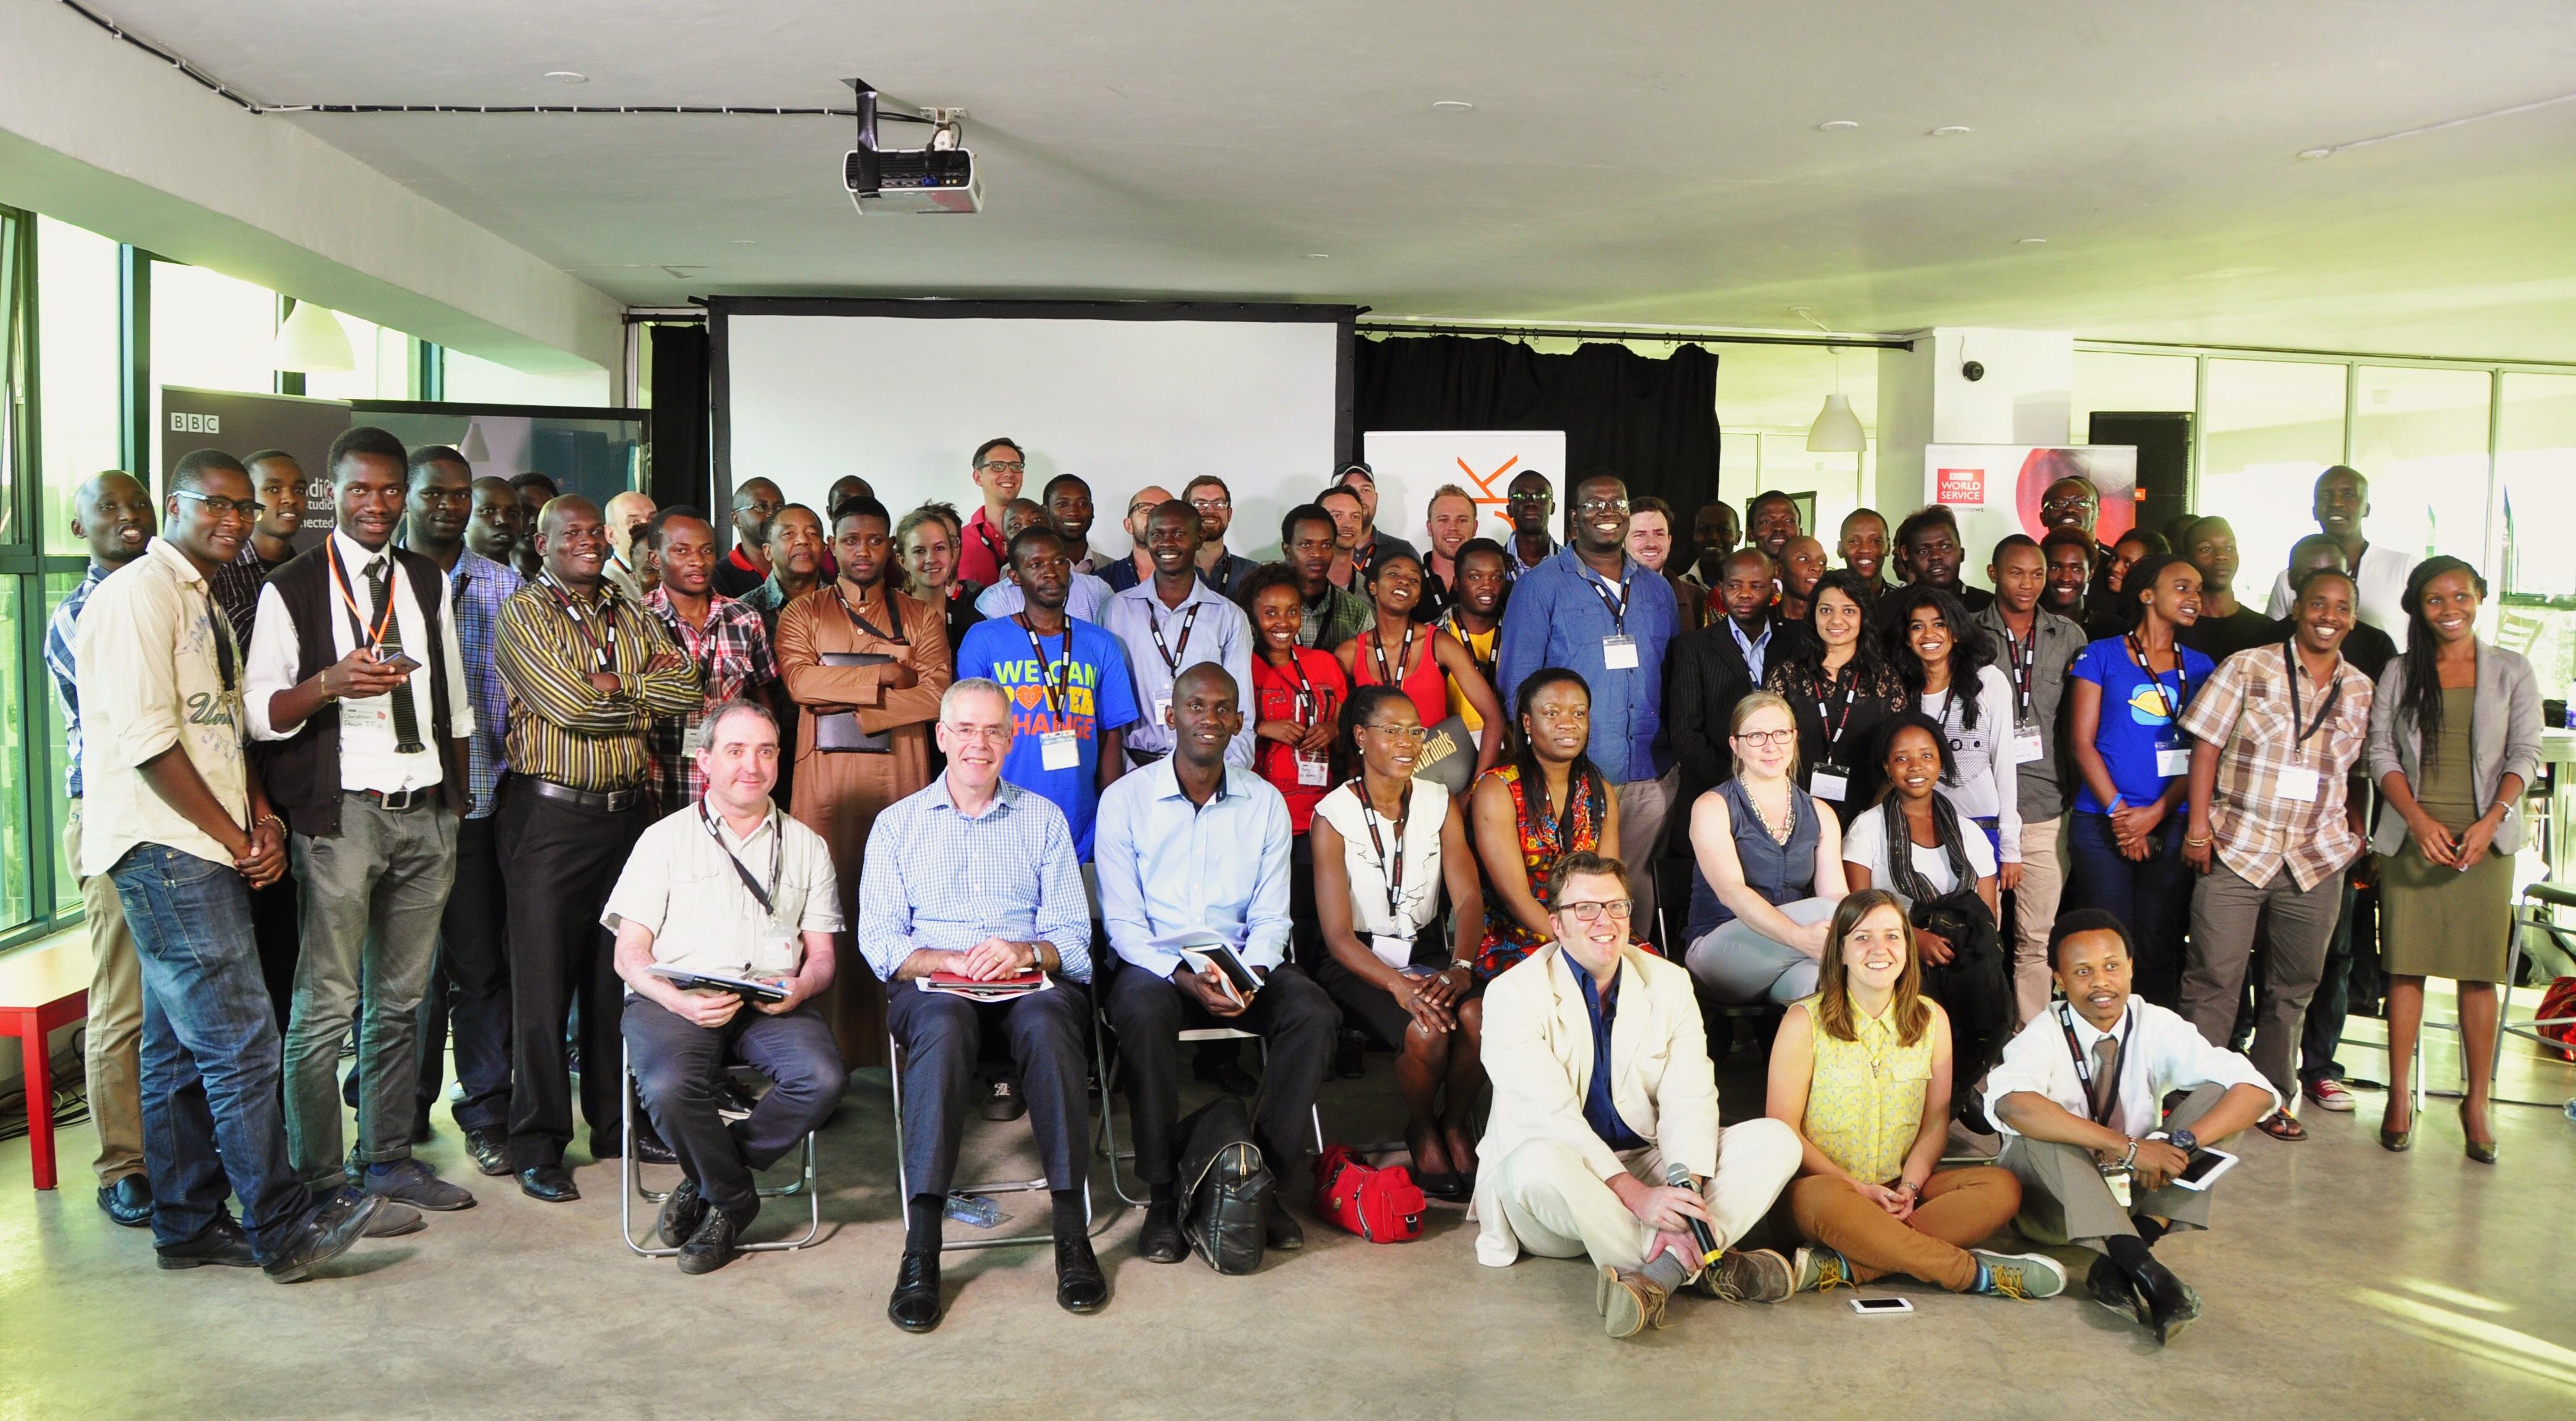 #newsHACK IV in Nairobi - BBC Connected Studio: World Service Africa - Nairobi